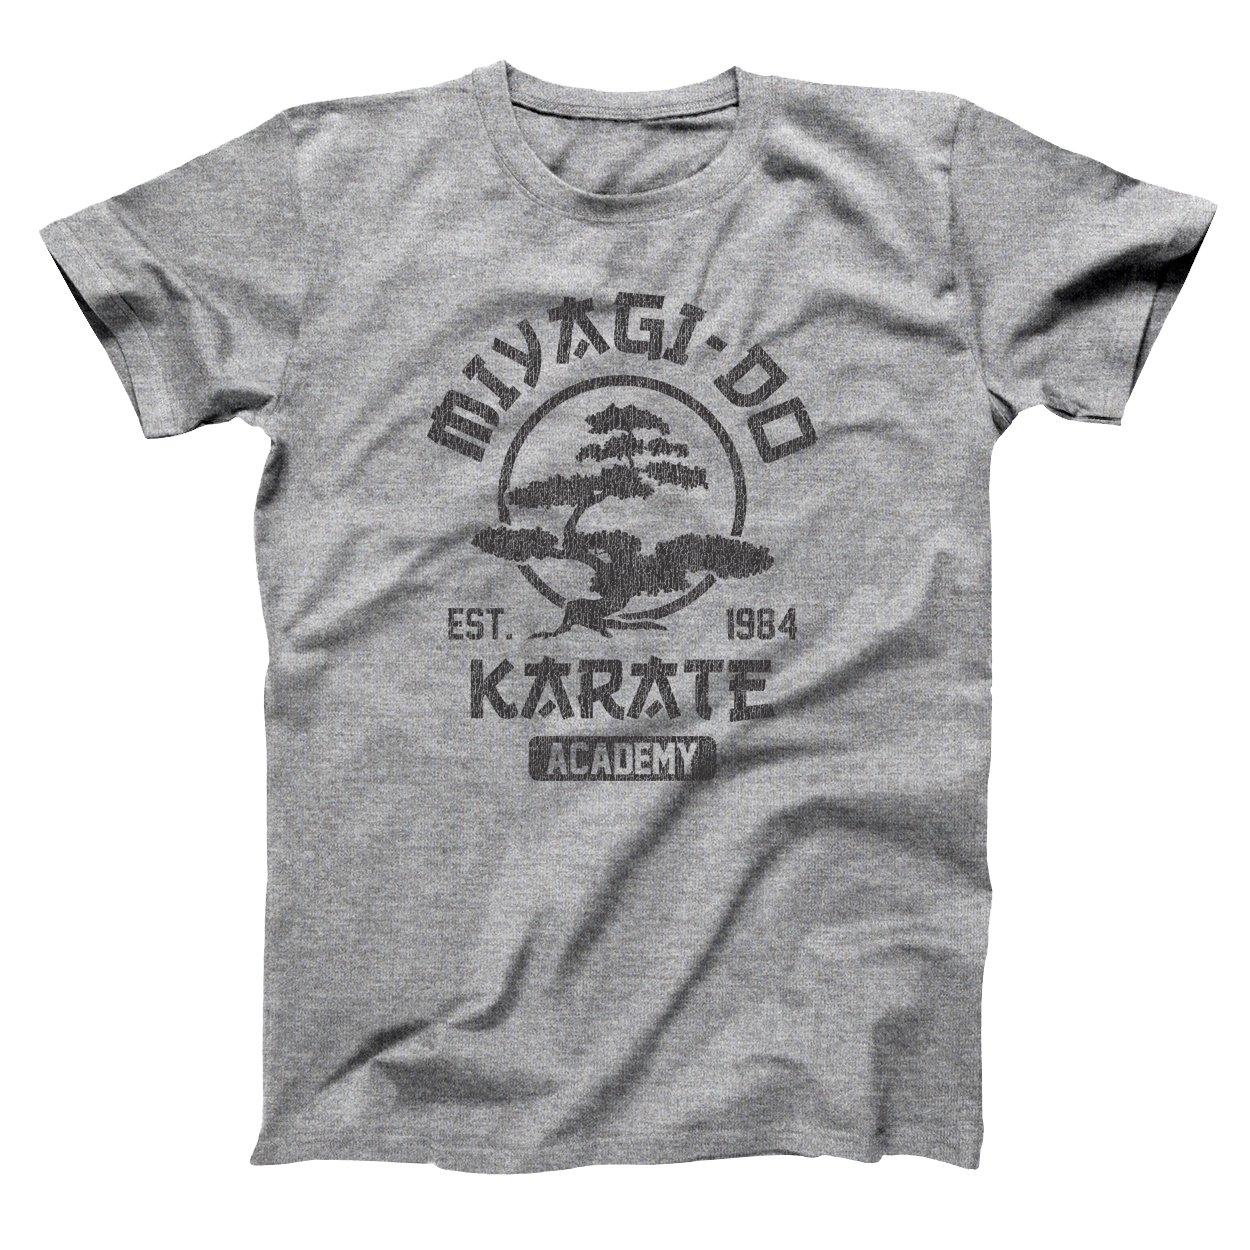 Mr Miyagi Karate Martial Arts Dojo S Shirt 5106